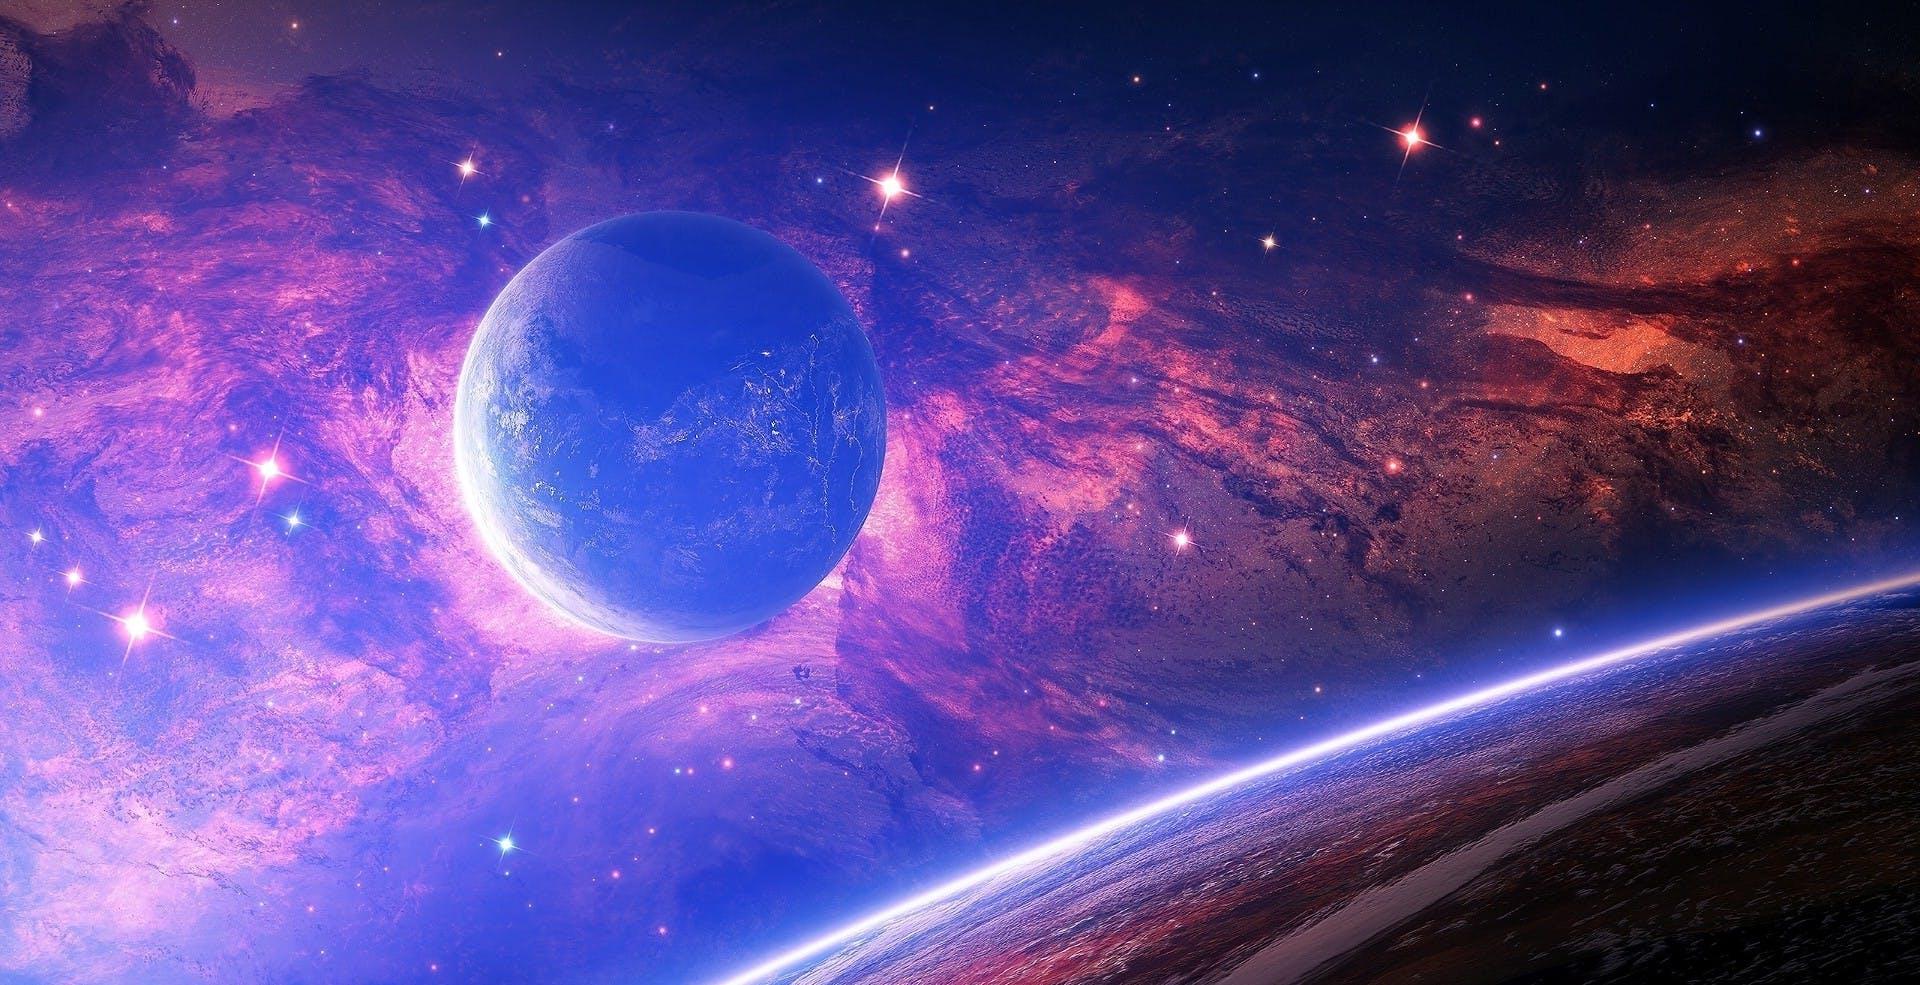 Un 2020 cosmico. I più importanti eventi dell'anno nell'esplorazione spaziale